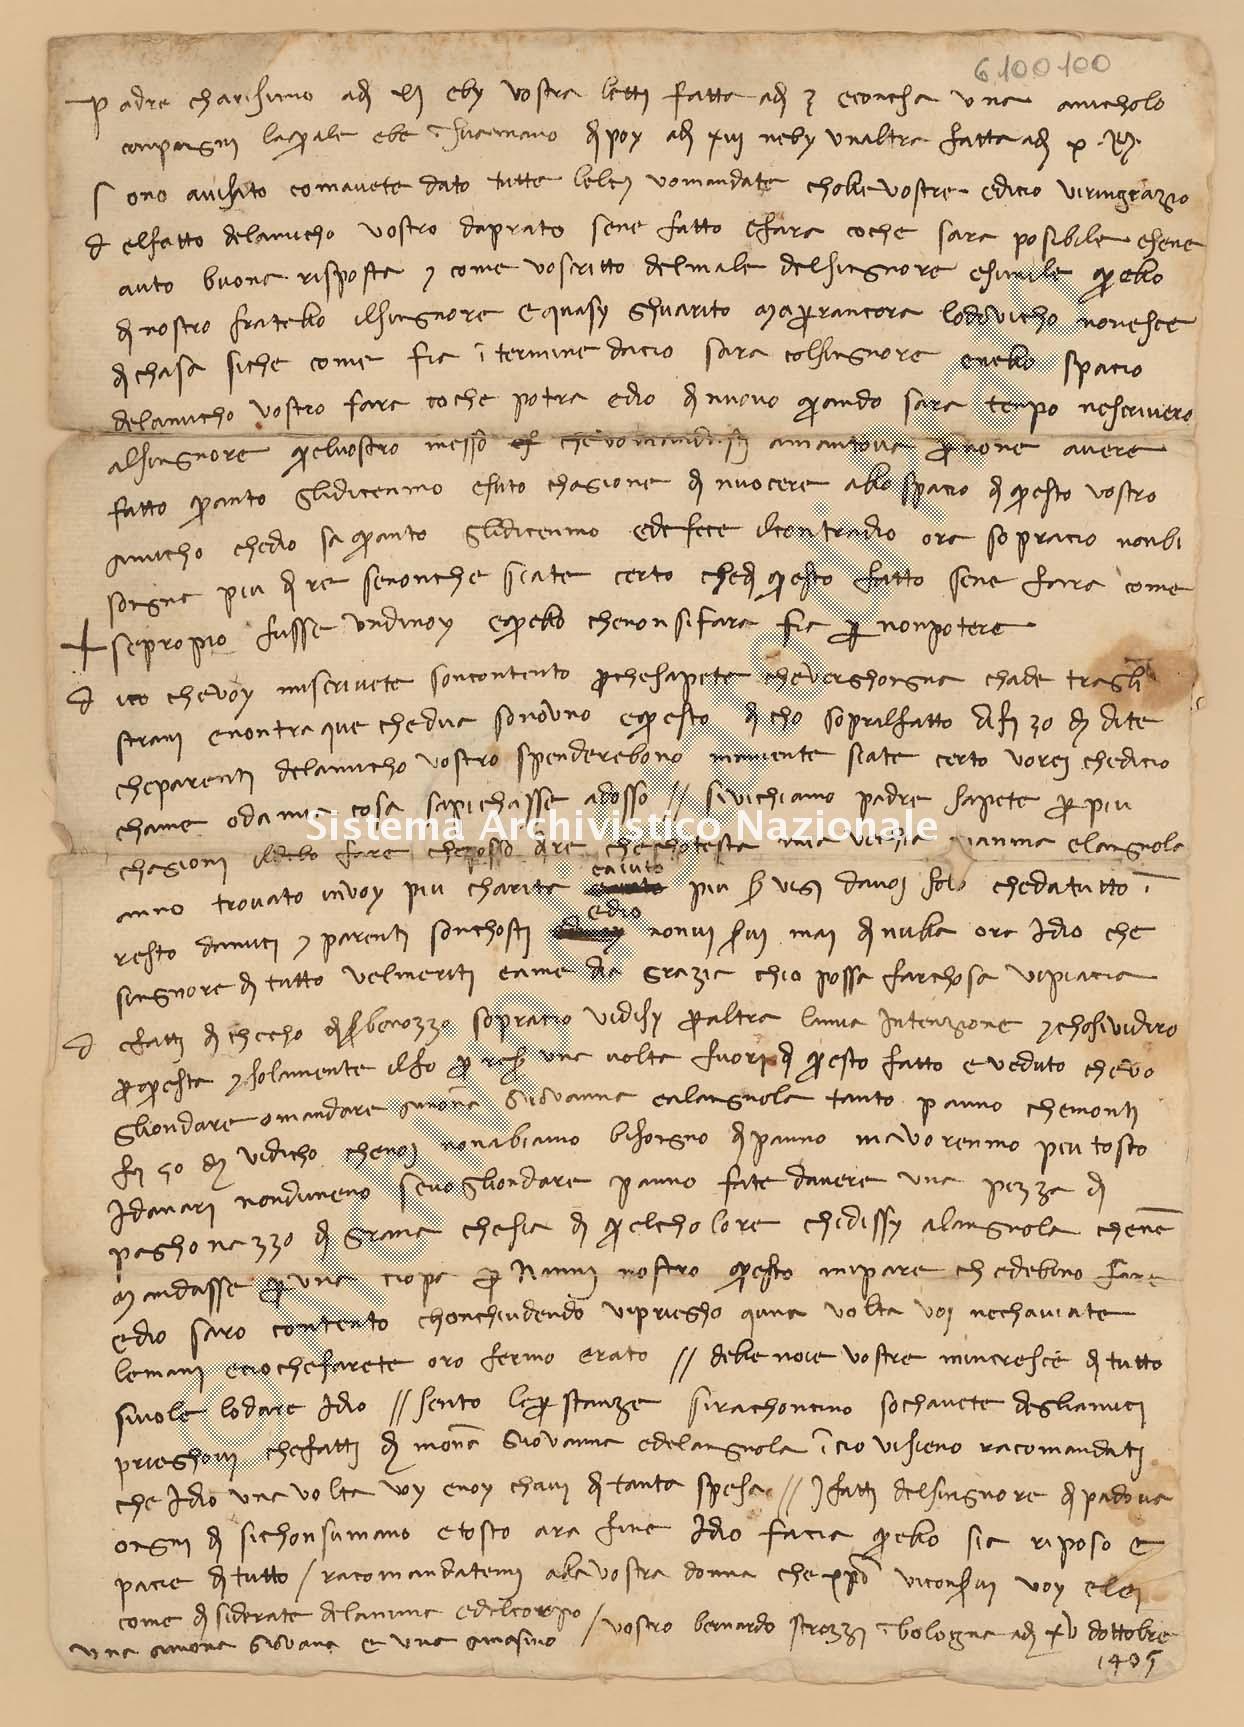 Archivio di Stato di Prato, Fondo Datini, Lettere di vari a Francesco Datini, 1103.6 Lettere Di Strozzi Bernardo Di Giovanni a Datini Francesco Di Marco (busta 1103, inserto 6, codice 6100100)